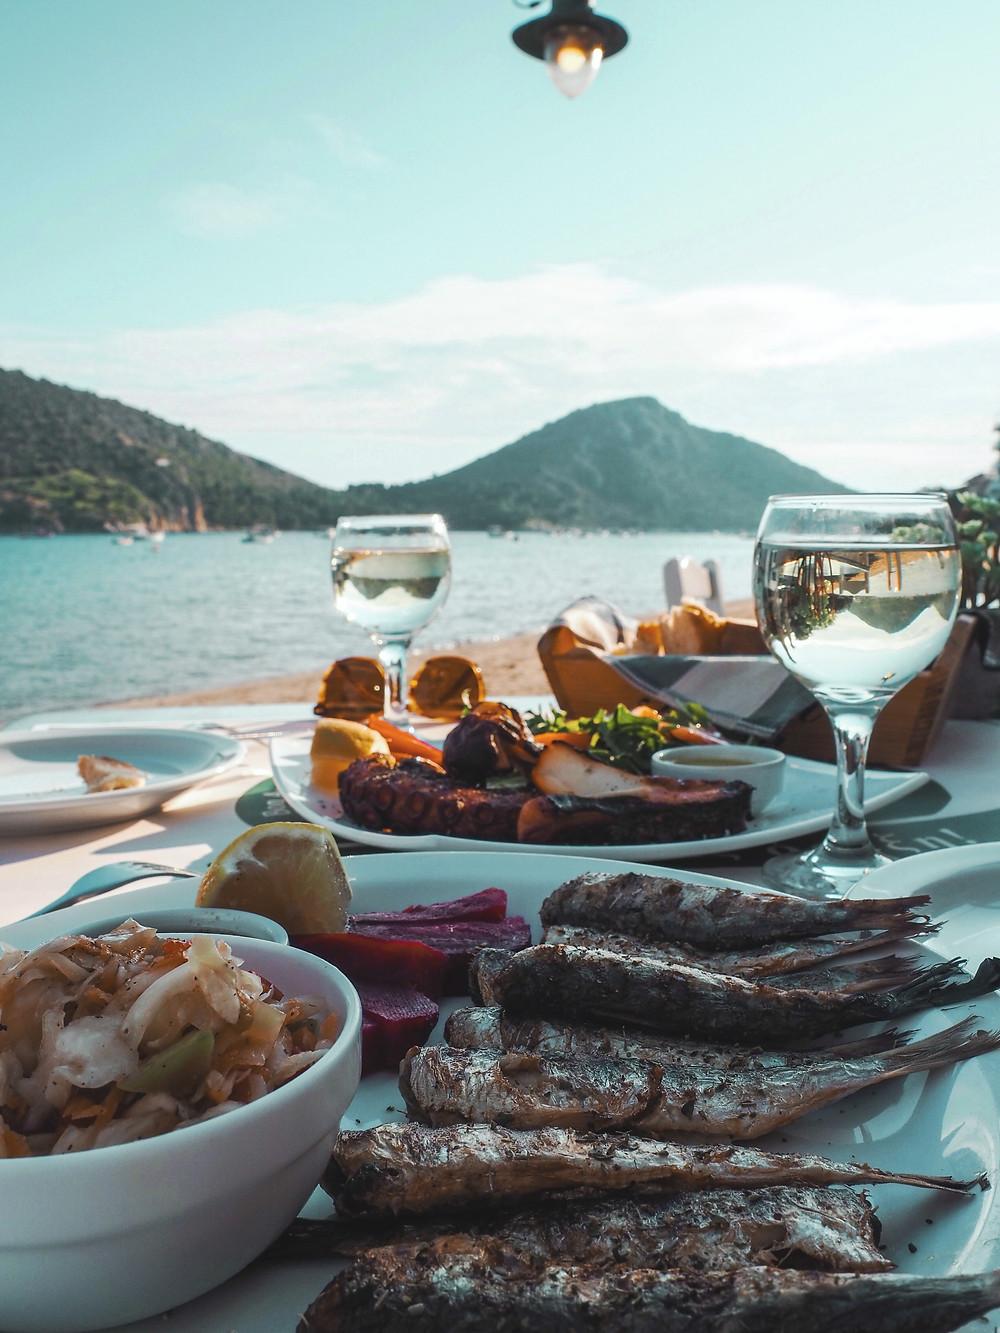 playa, pescado, sardinas, pulpo, calma, relax, felicidad, mar, Grecia, vacaciones